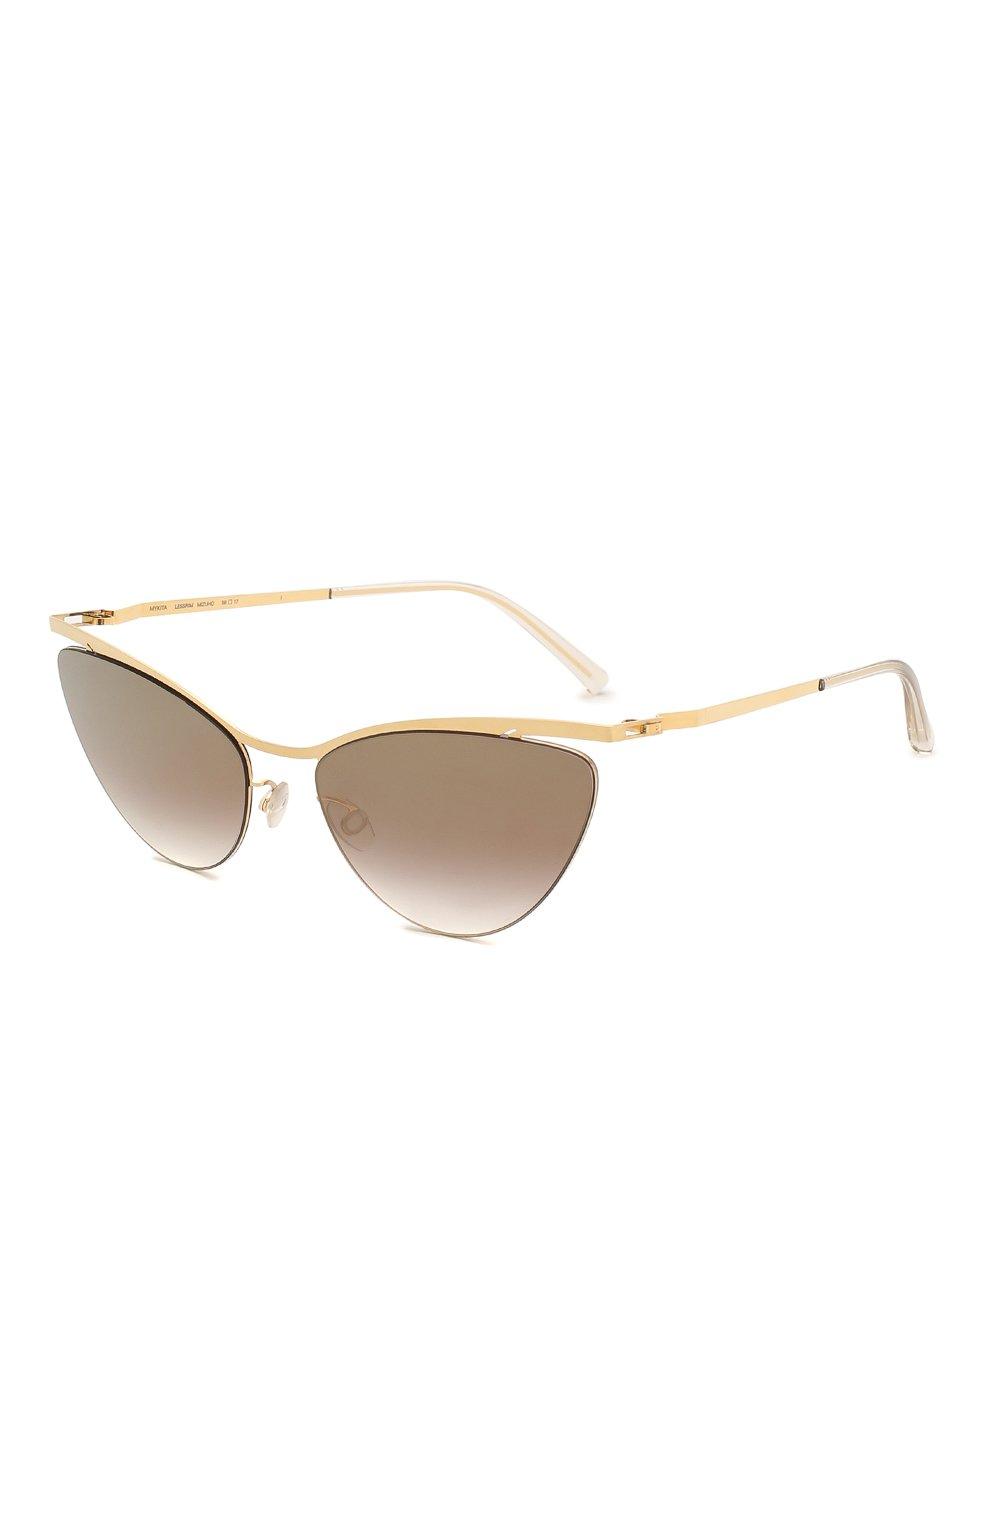 Женские солнцезащитные очки MYKITA золотого цвета, арт. MIZUH0/GL0SSYG0LD | Фото 1